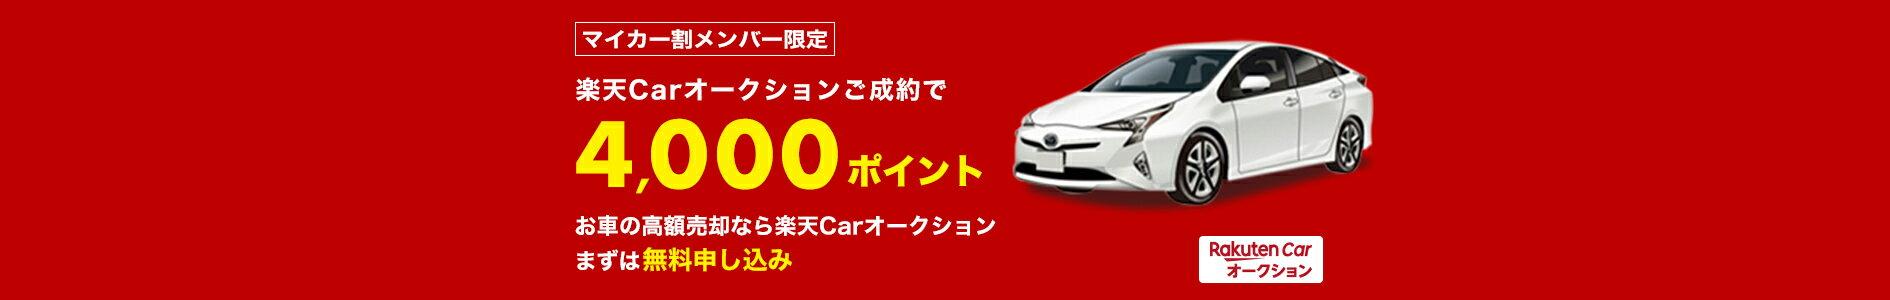 マイカー割メンバー限定 楽天Carオークションご成約で4,000ポイントお車の高額売却なら楽天Carオークション まずは無料申し込み